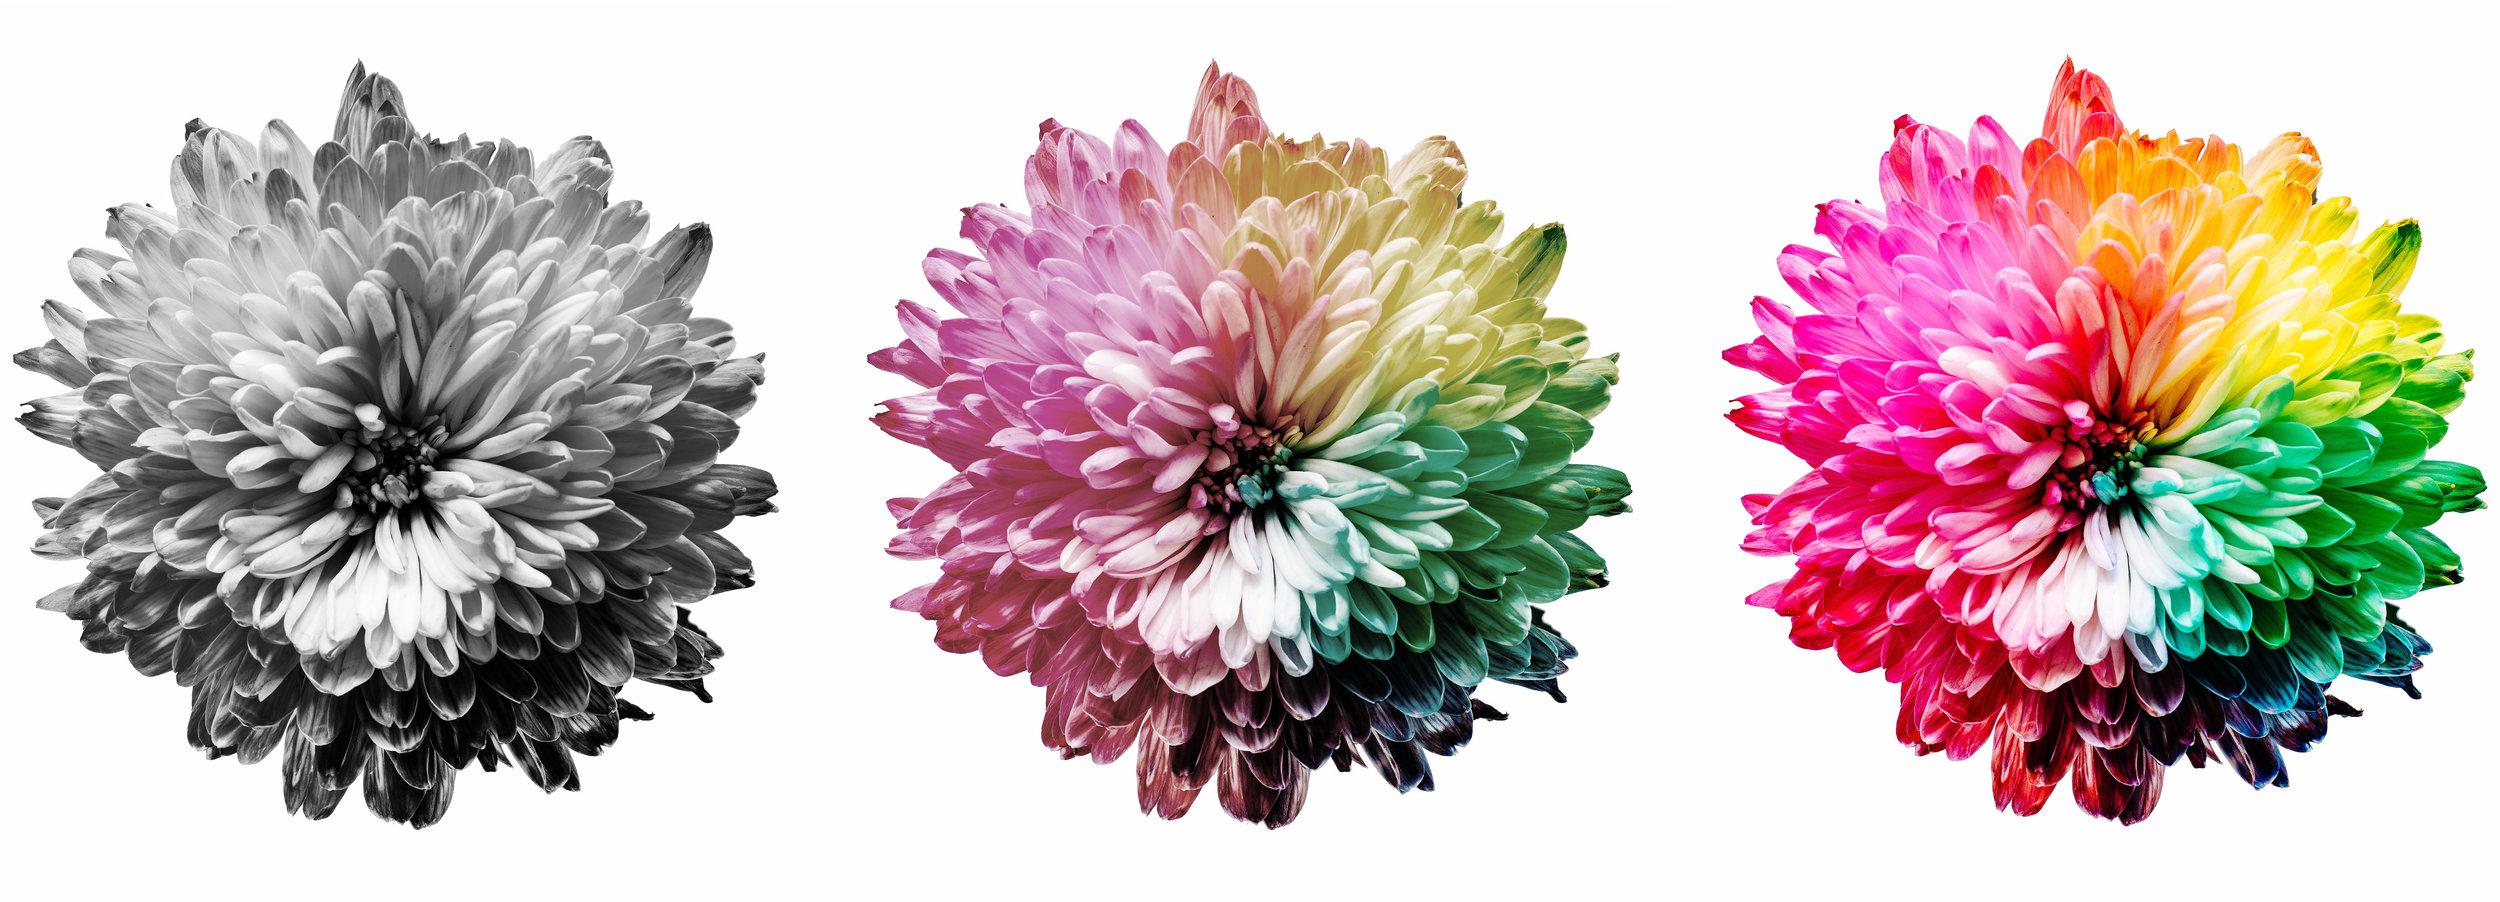 fleur evolution.jpg